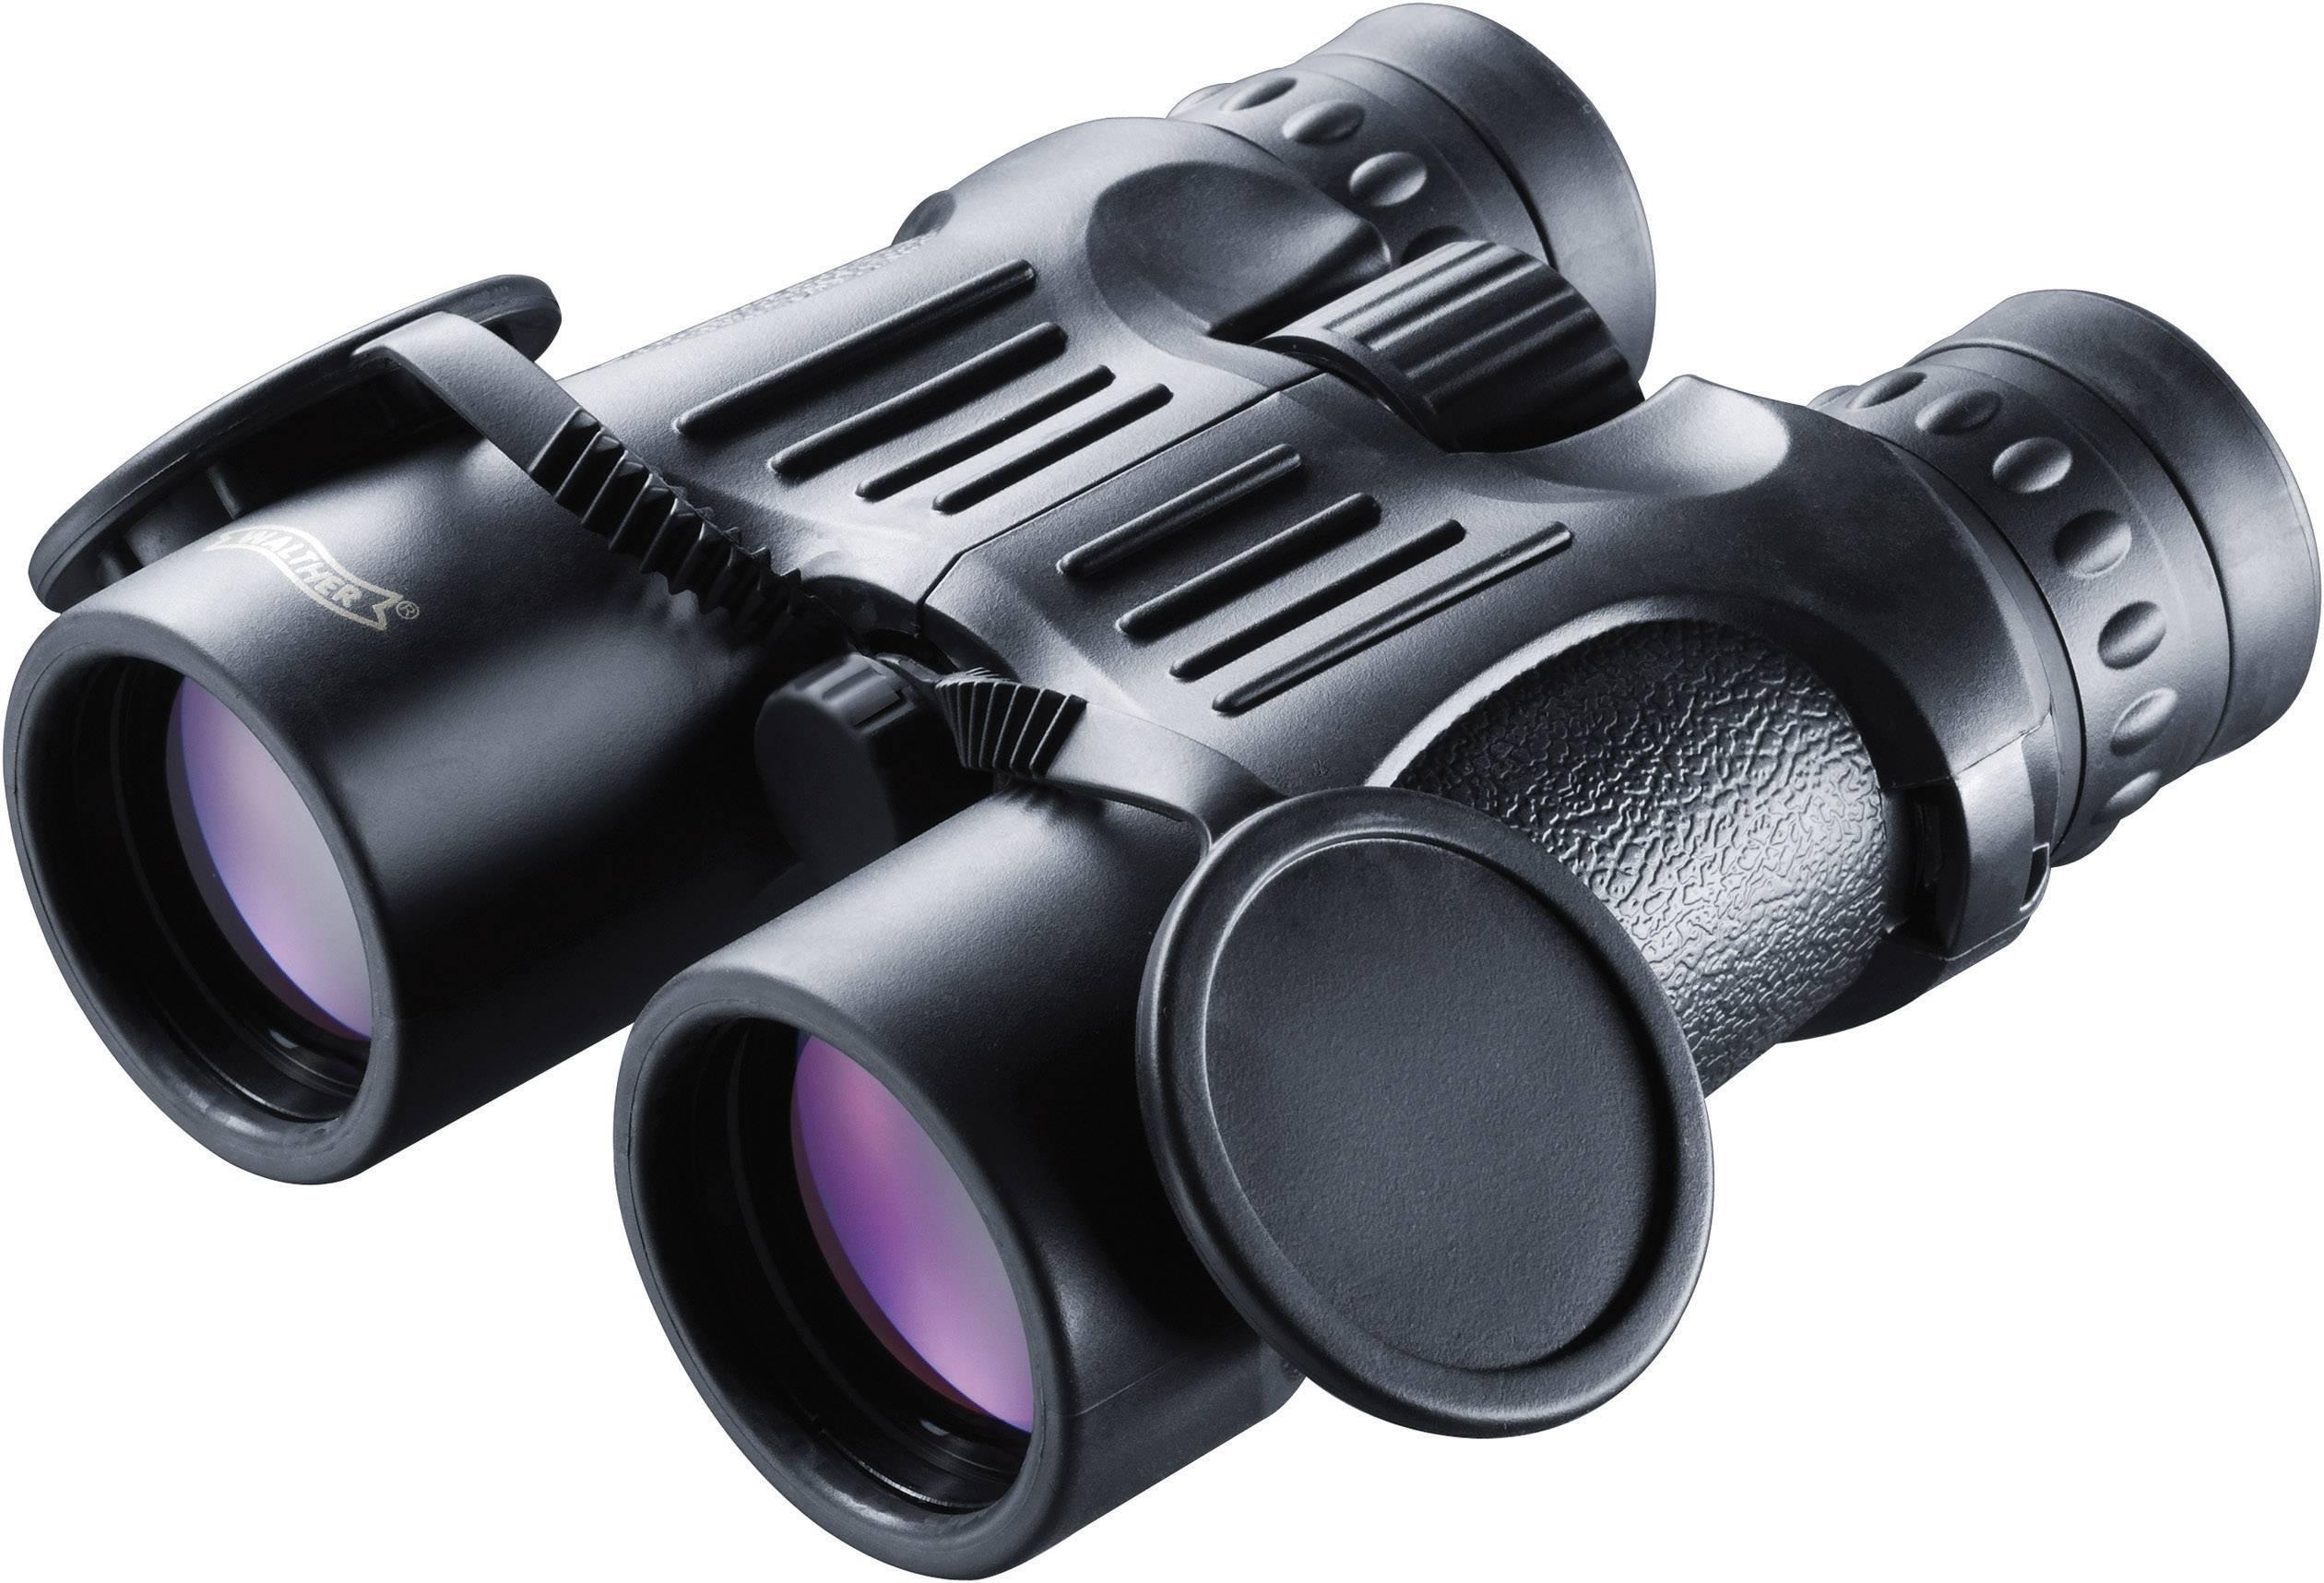 Ďalekohľad Walther Backpack 8x42 5.9009 42 mm, čierna